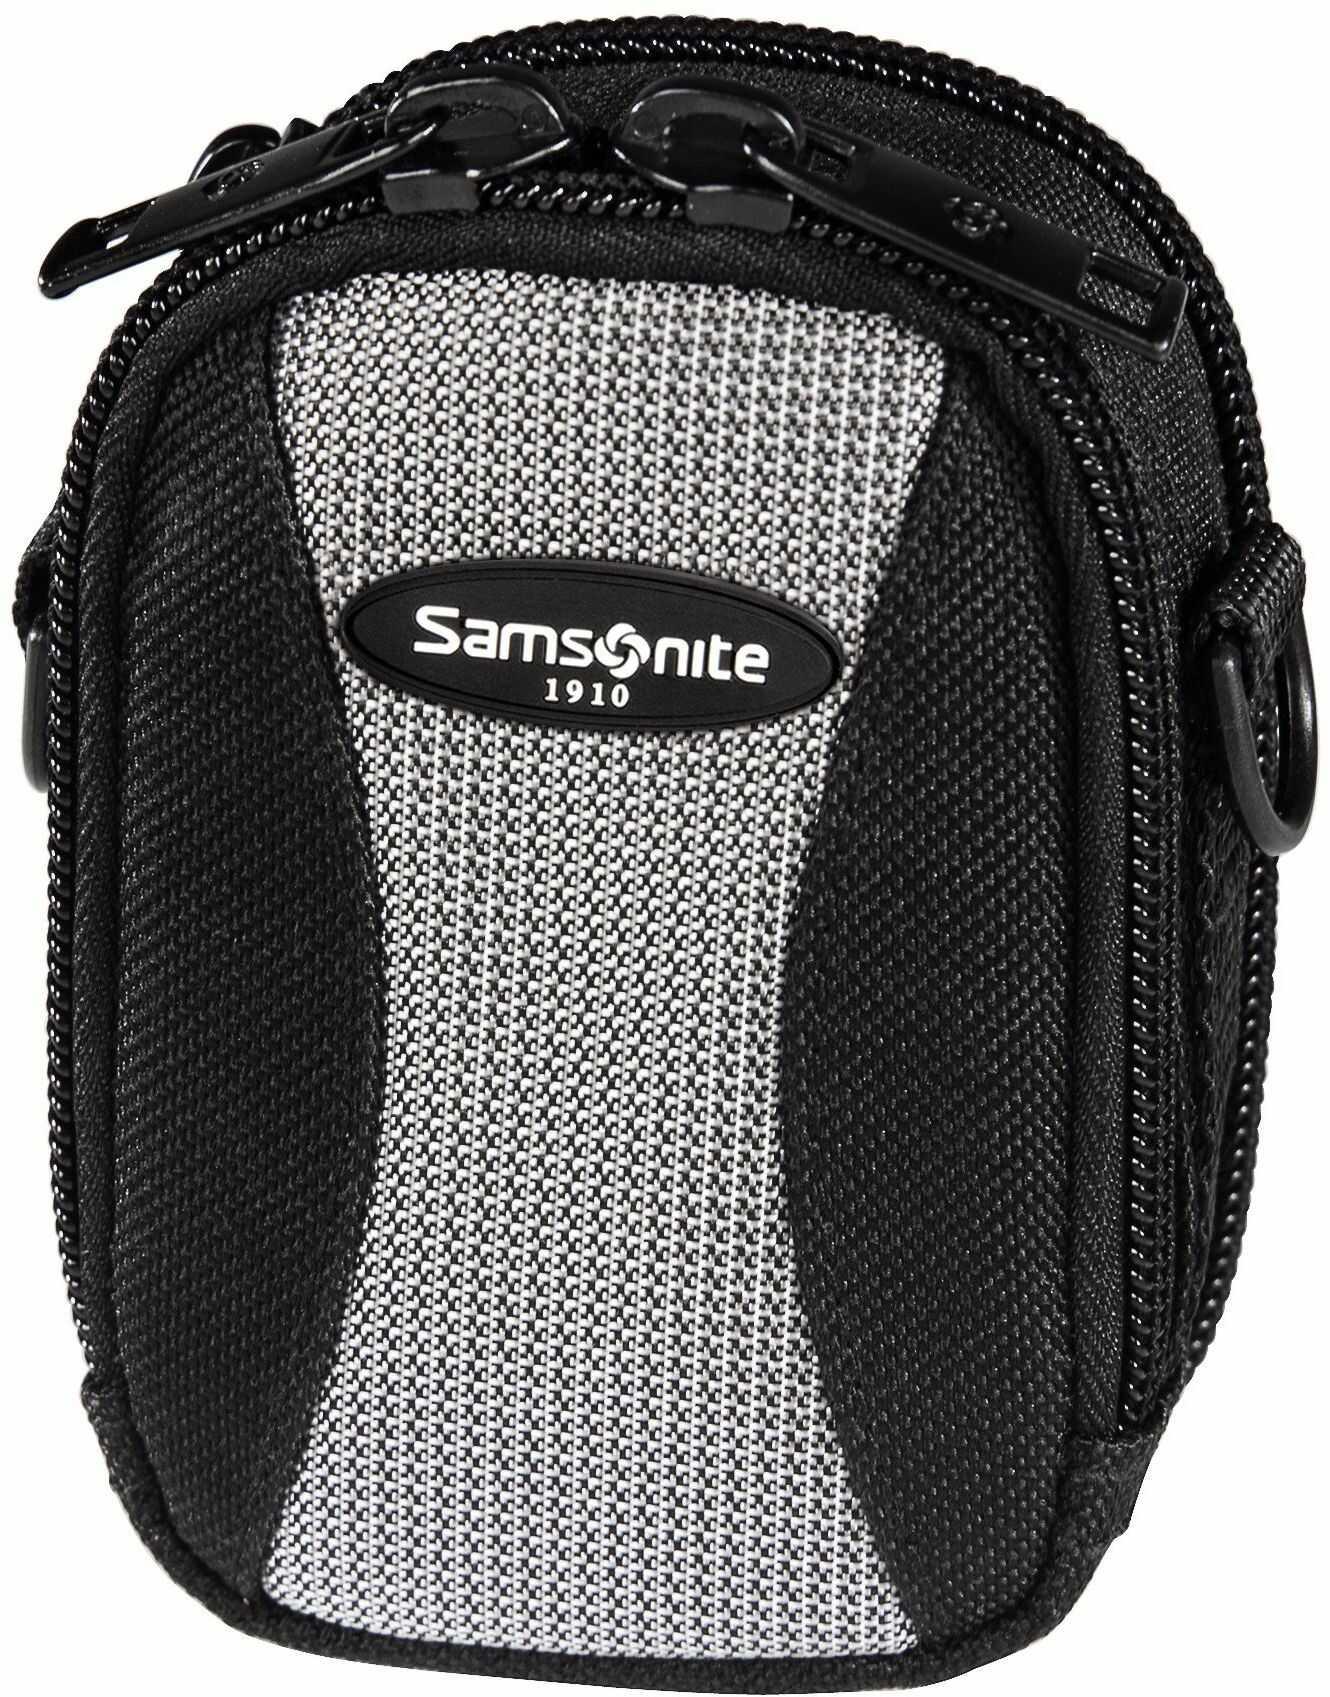 Hama Samsonite Safaga 30G torba na aparat